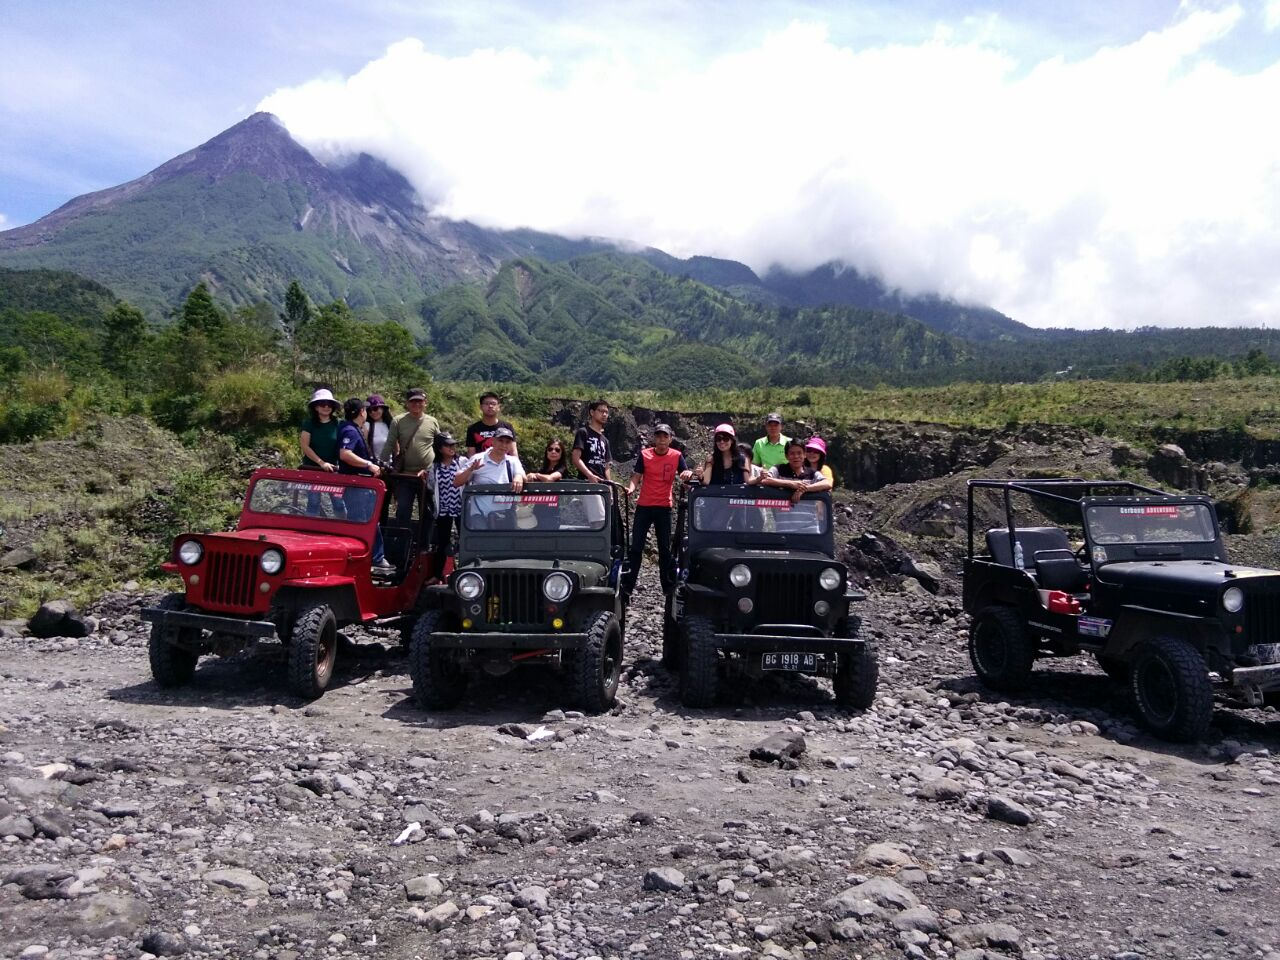 25 Tempat Wisata GunungMerapi dan Sekitarnya yang Wajib Dikunjungi - TempatWisataUnik.com